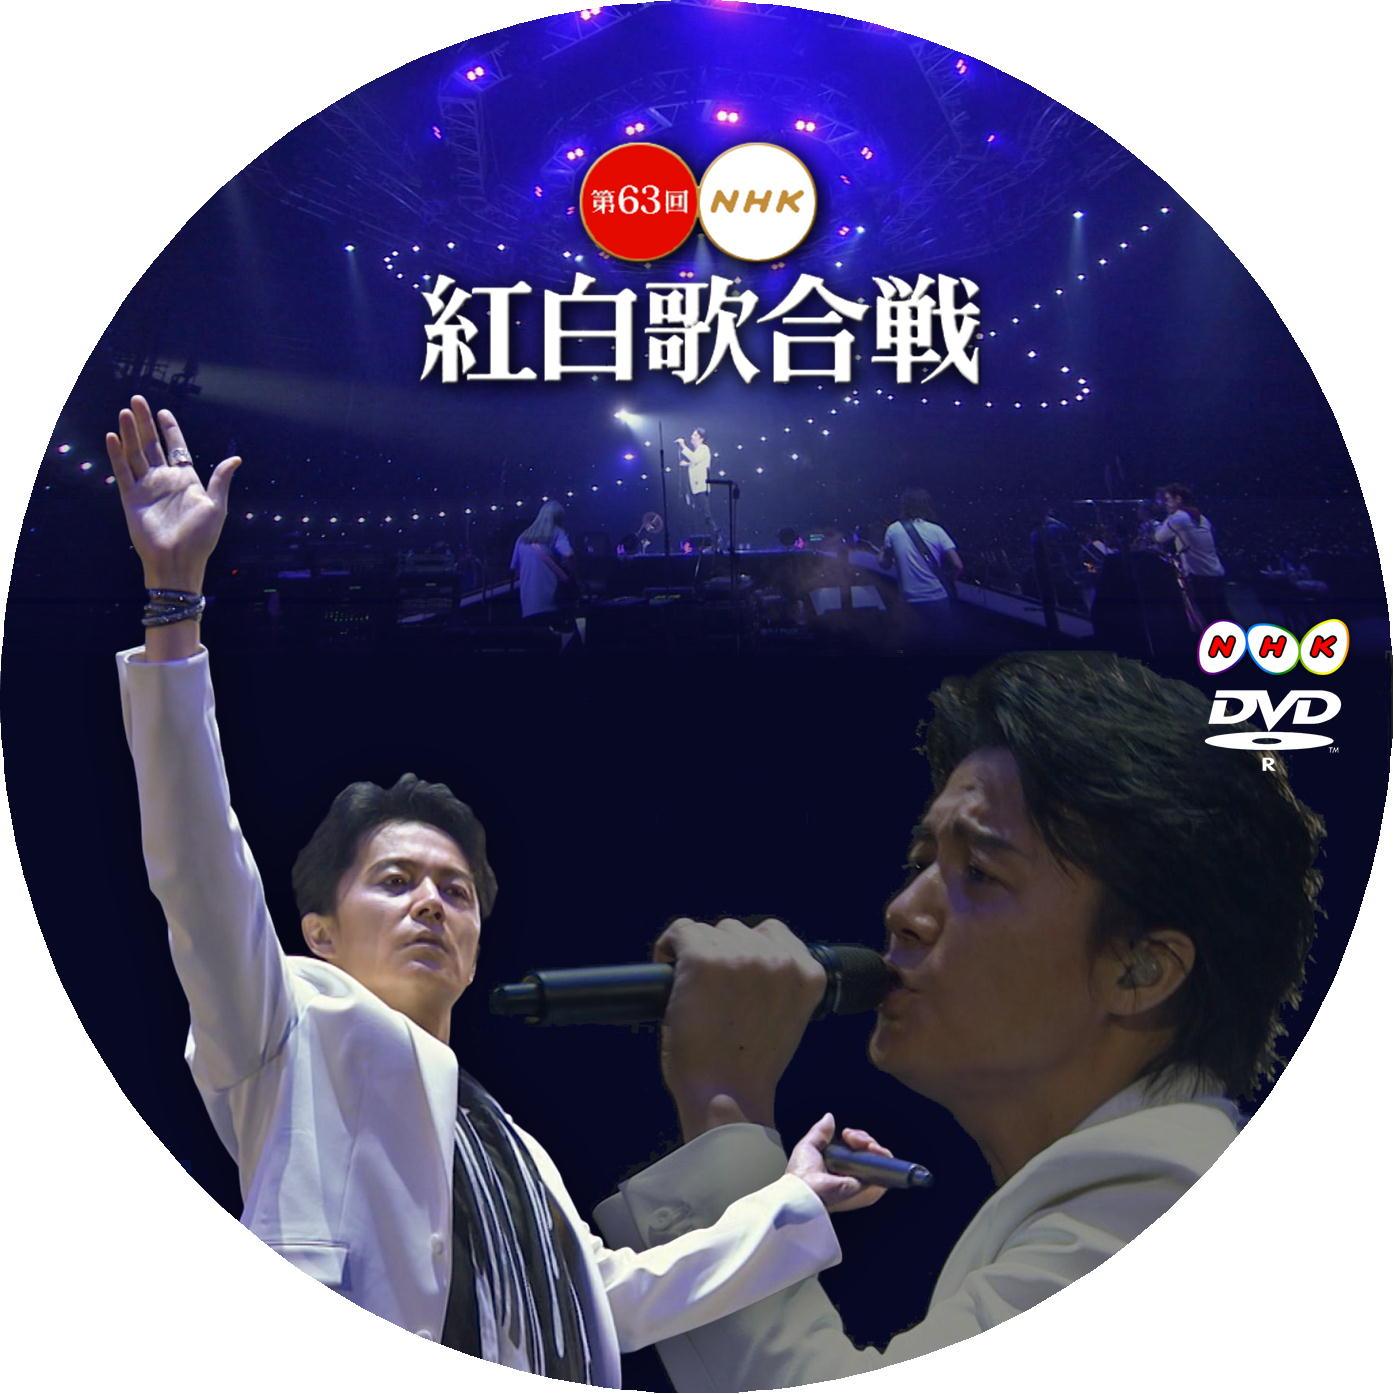 紅白歌合戦 福山雅治 DVDラベル